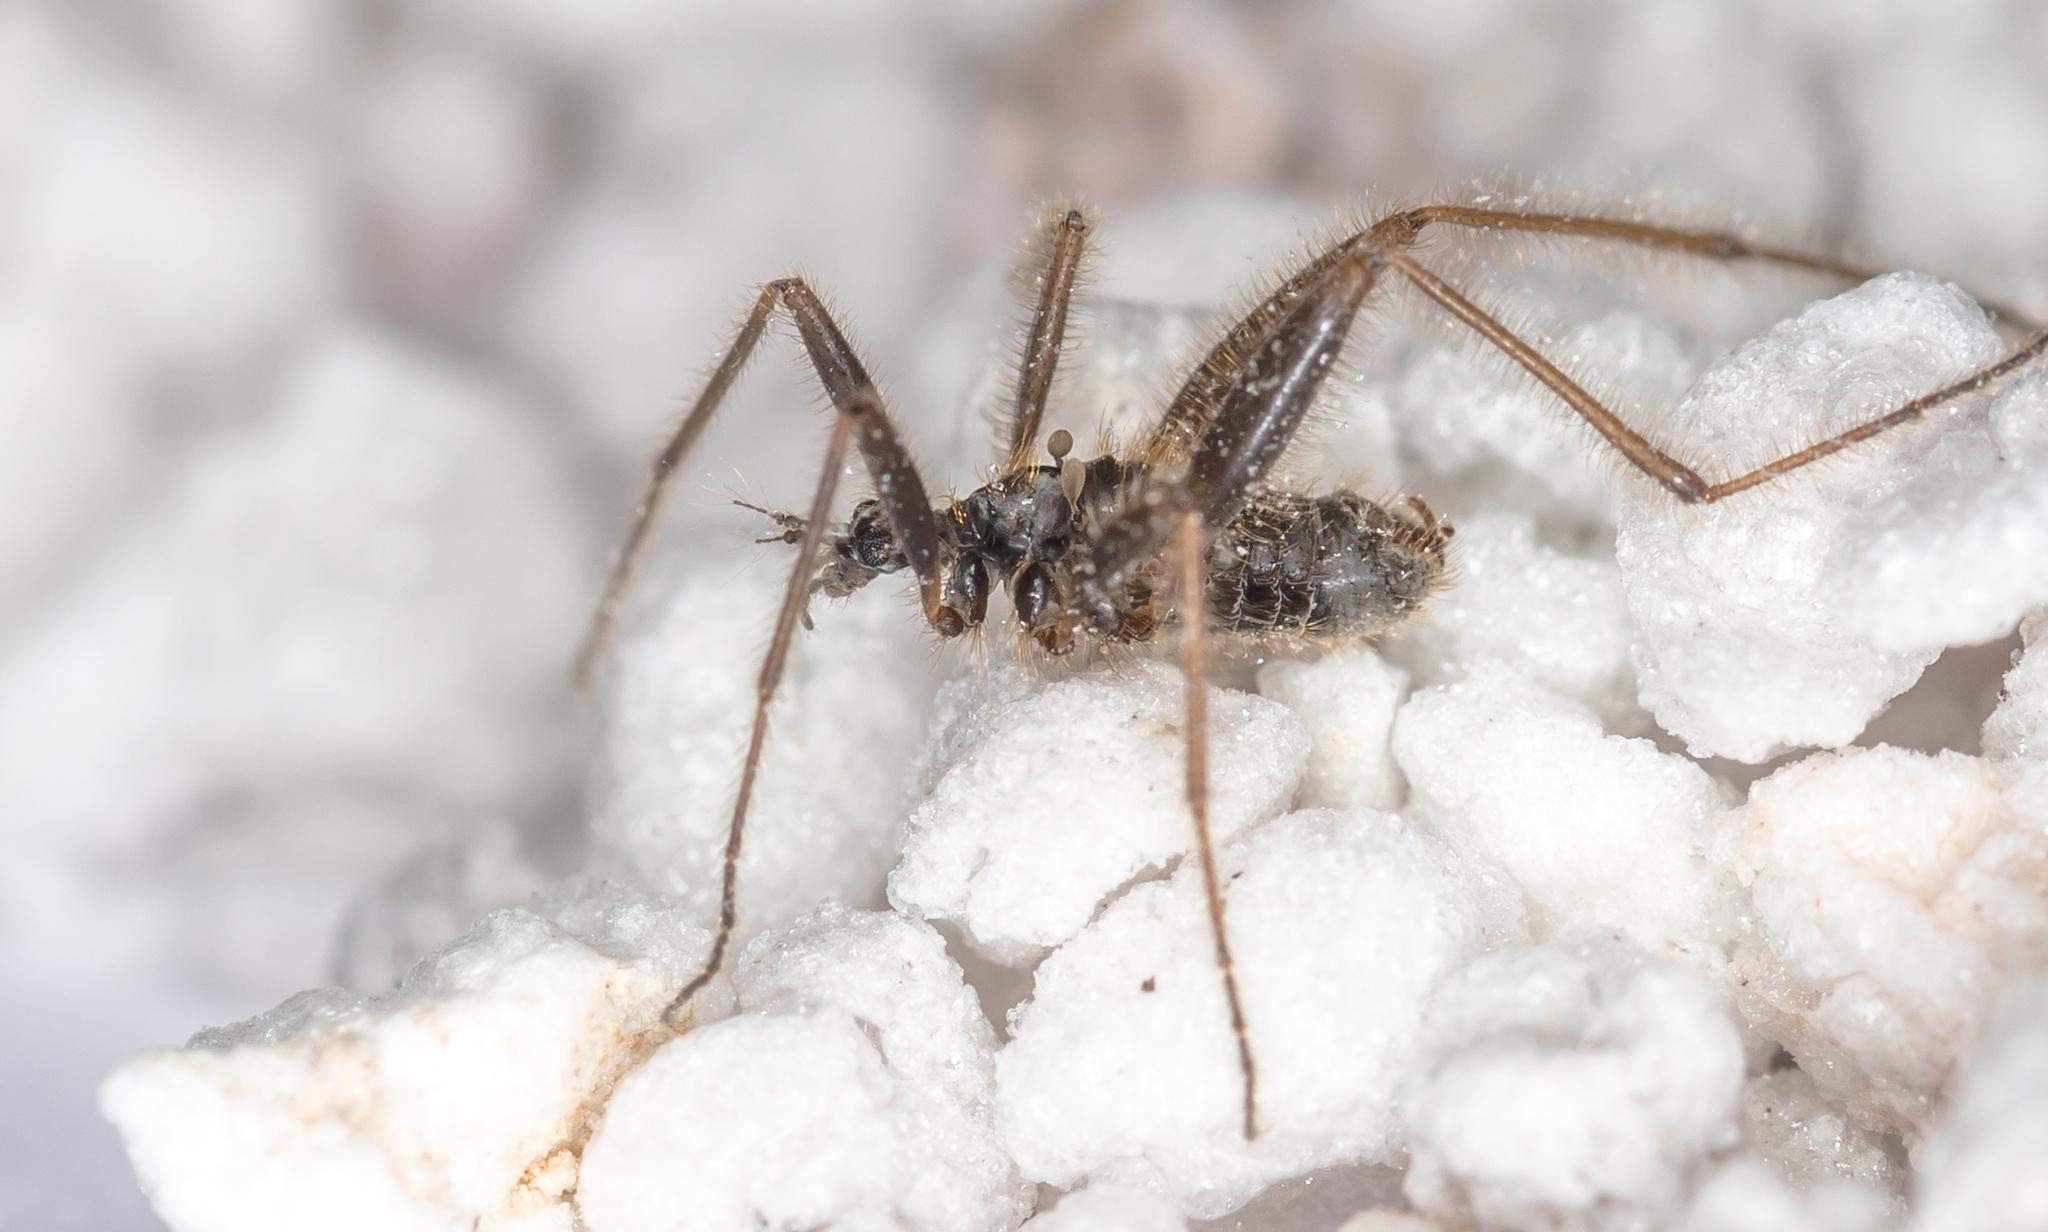 Драмы, инженерные изобретения, смертельные опасности: как проходит весна в мире насекомых и пауков